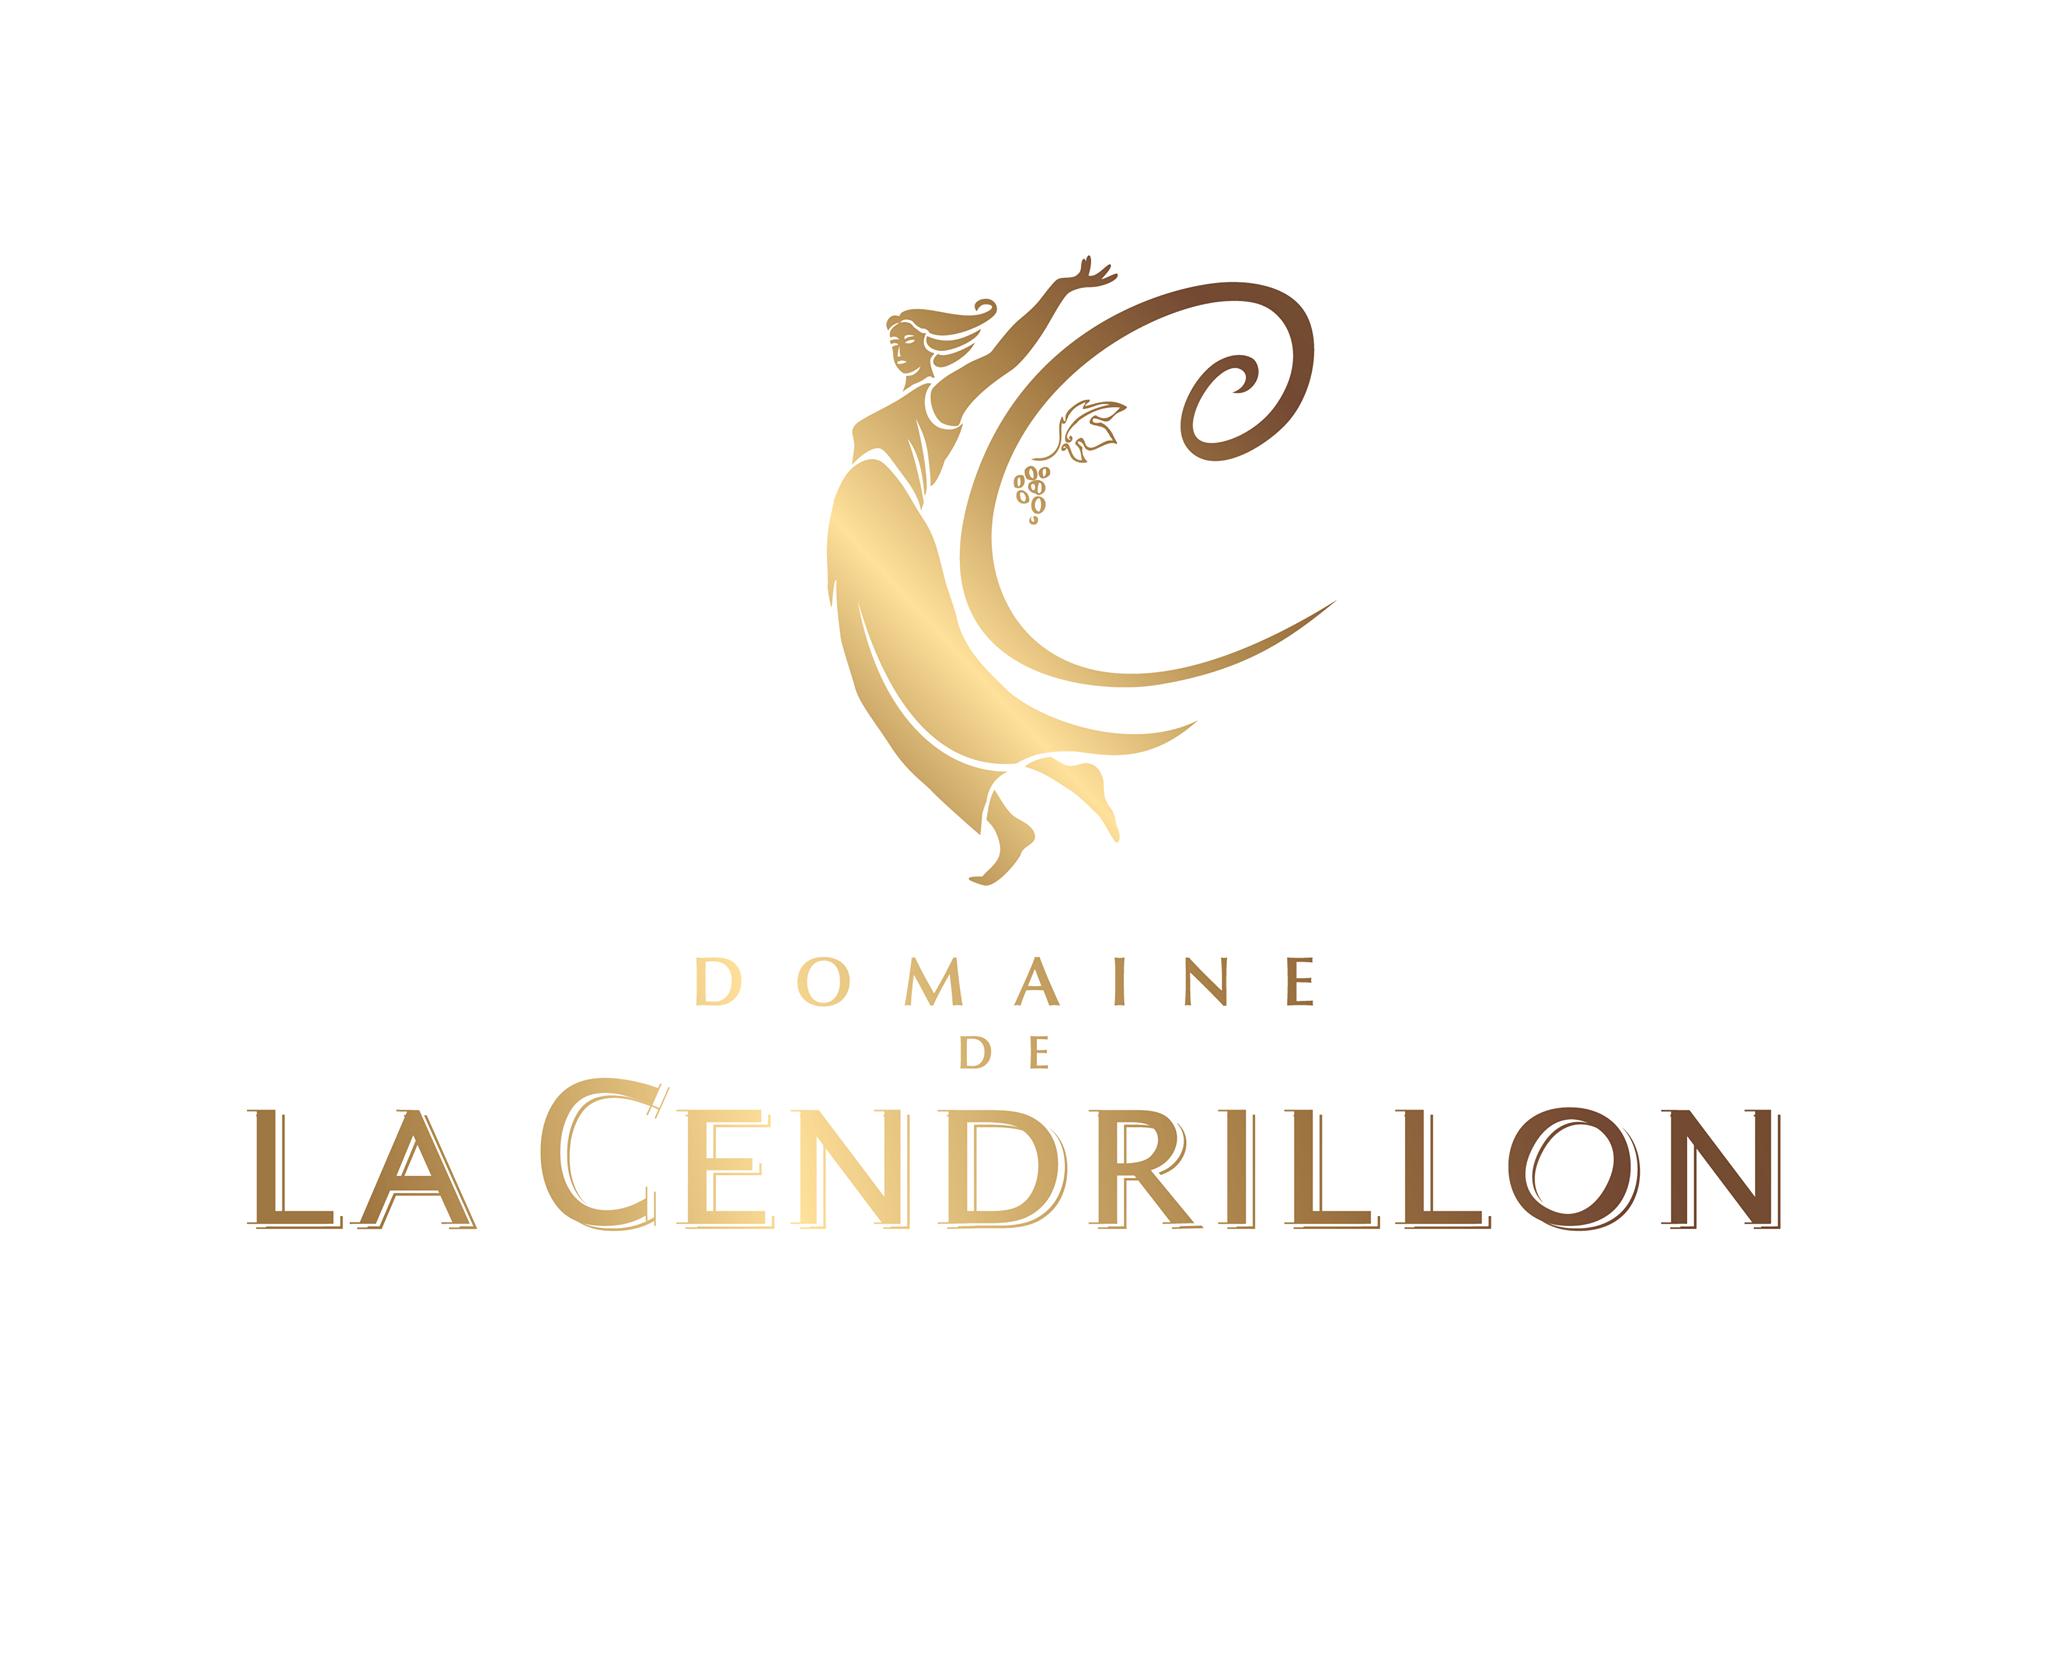 Domaine de la Cendrillon